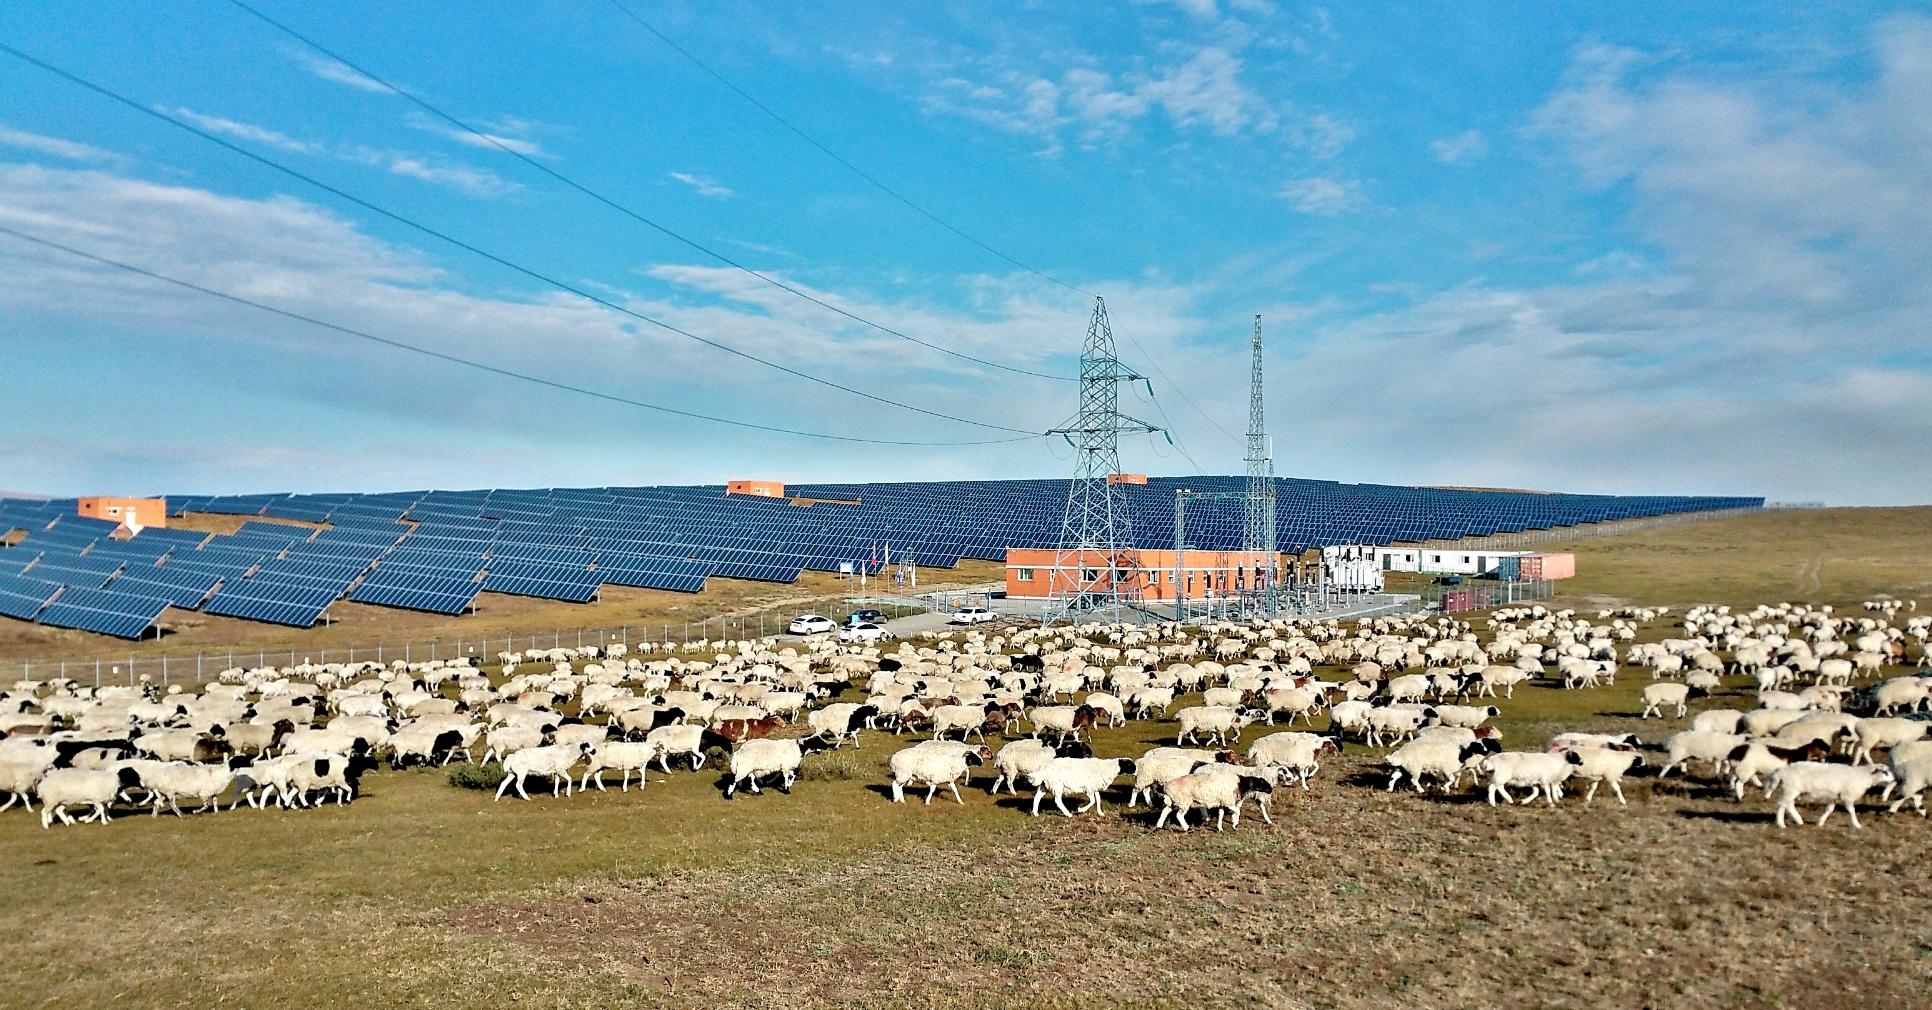 モンゴル国における太陽光発電事業